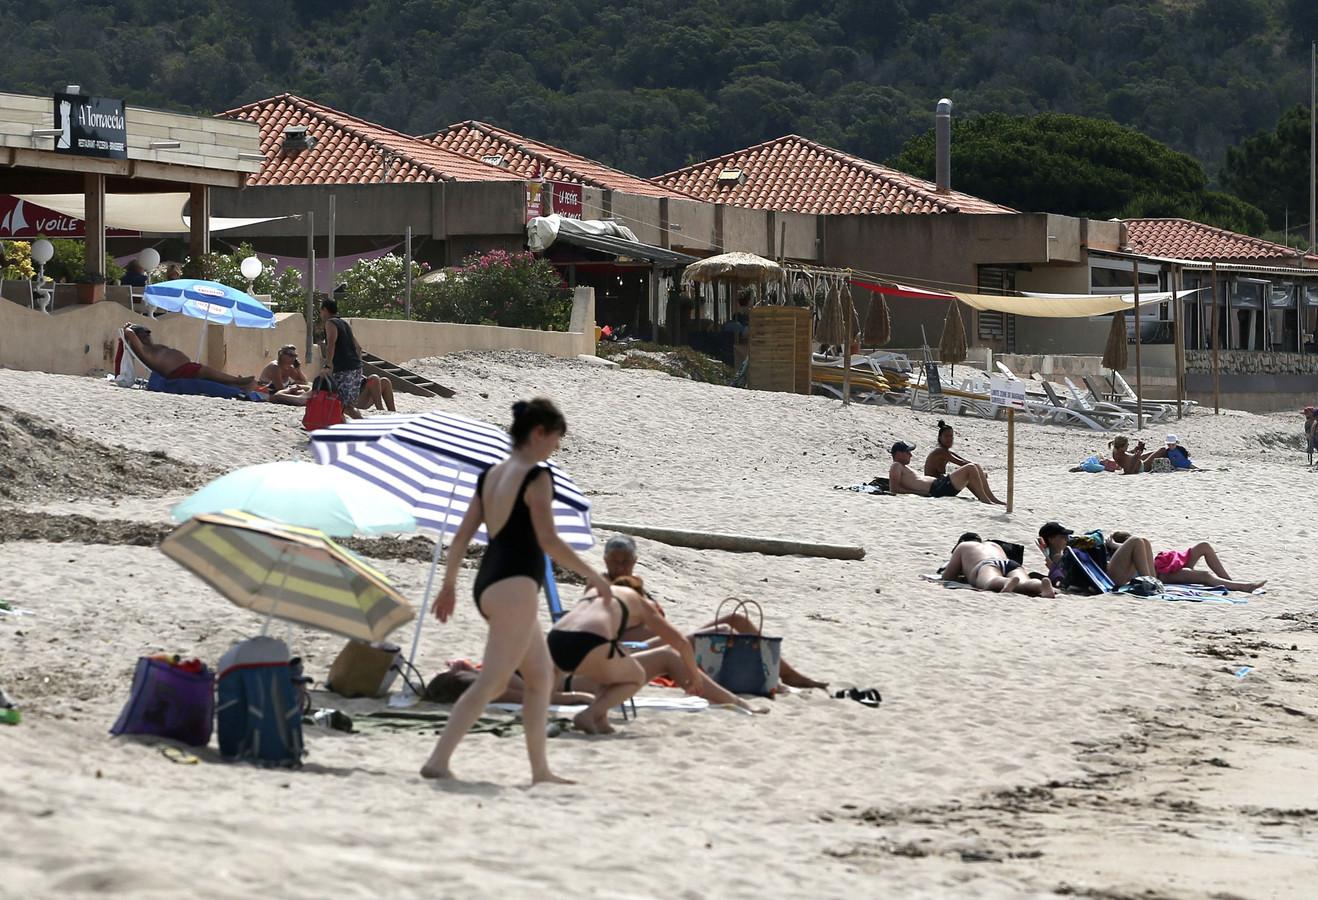 En Corse, le taux d'incidence du Covid-19 s'établit à 659 pour 100.000 habitants, avec un pic en Haute-Corse à 836 pour 100.000.